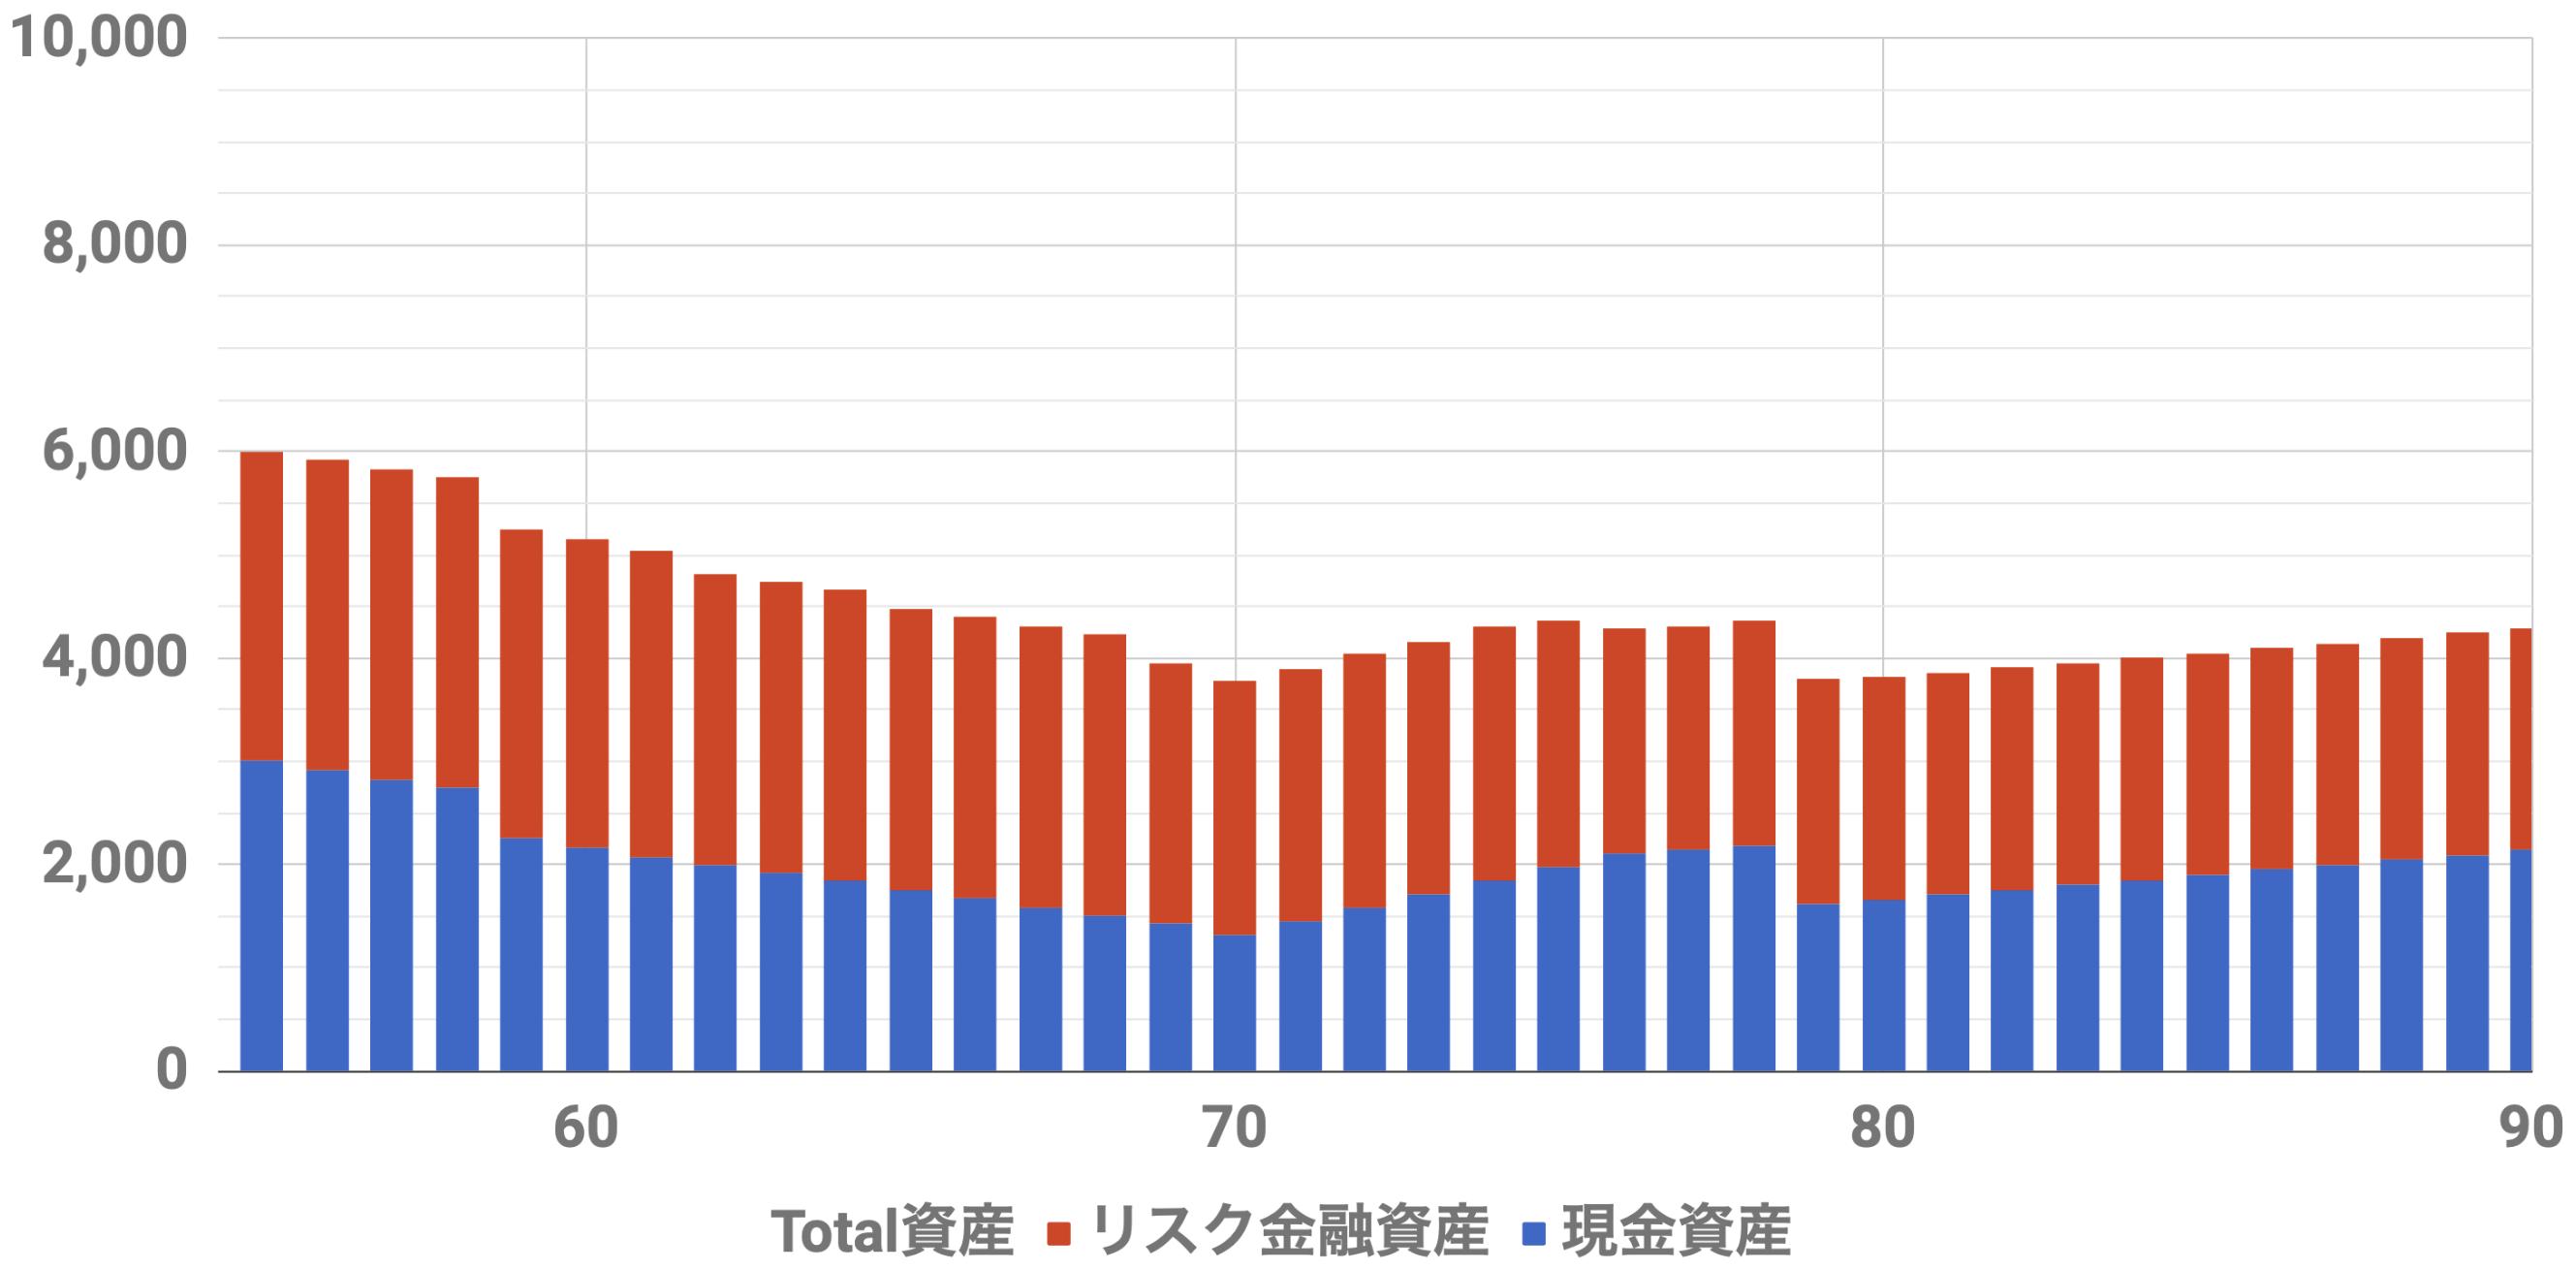 55歳6000万資産シミュレーション(Level3)インフレ率2%利率3.0%連続増配率3.0%